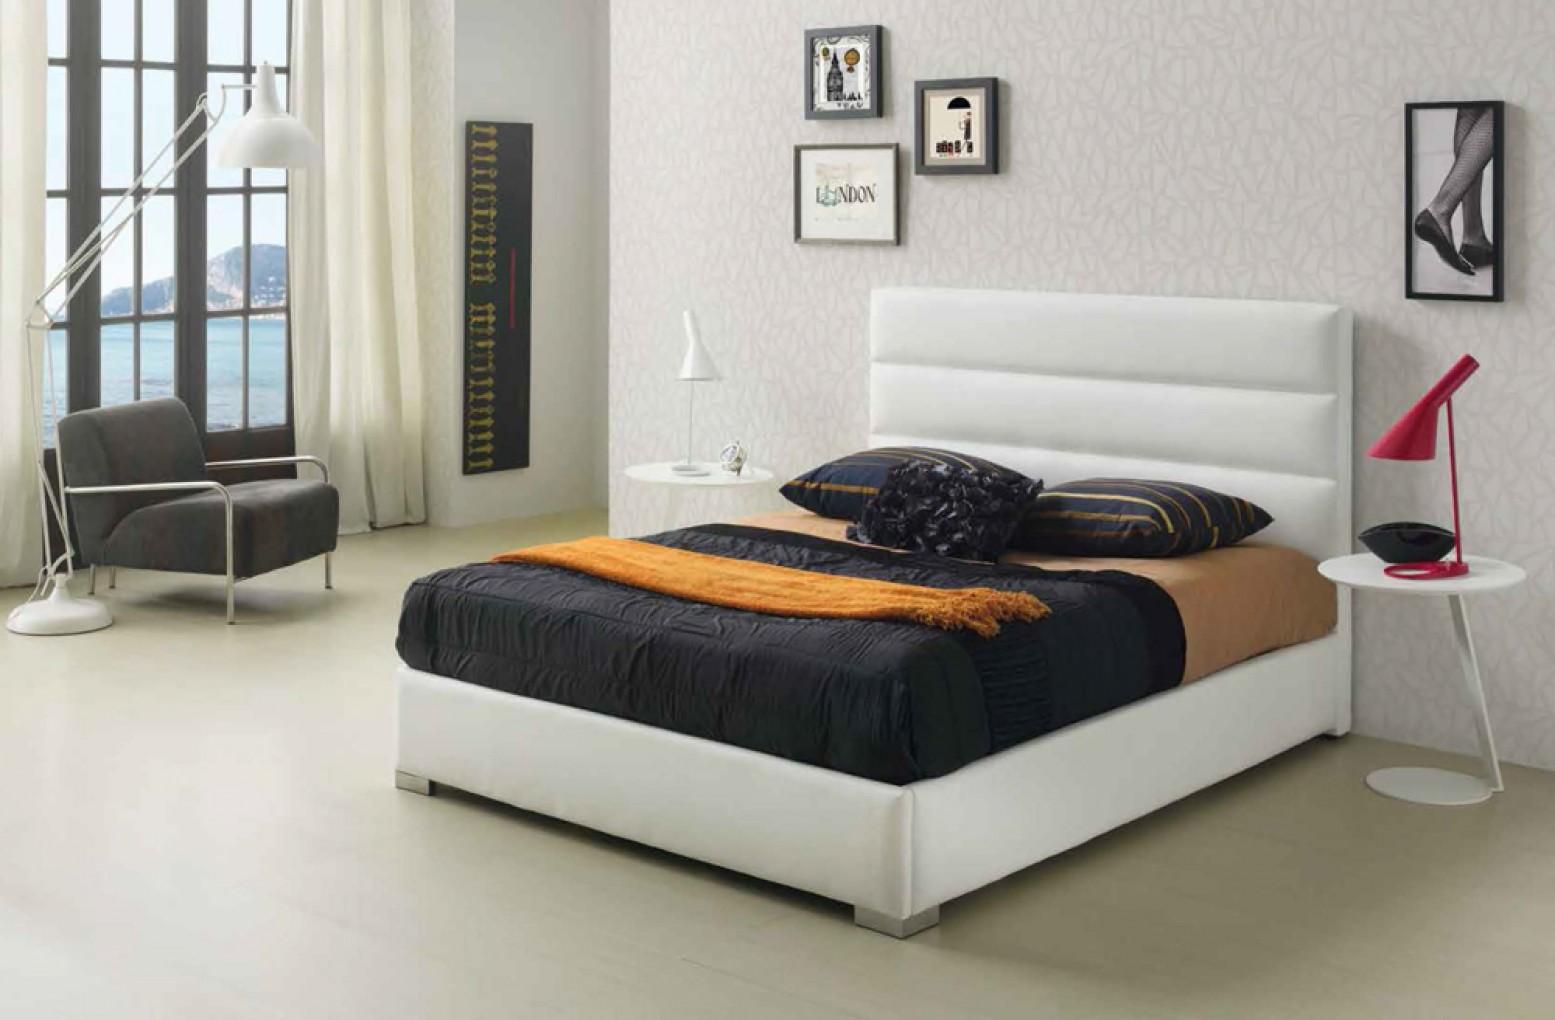 734 Lidia 3 Piece Euro Queen Size Storage Bedroom Set Buy Online At Best Price